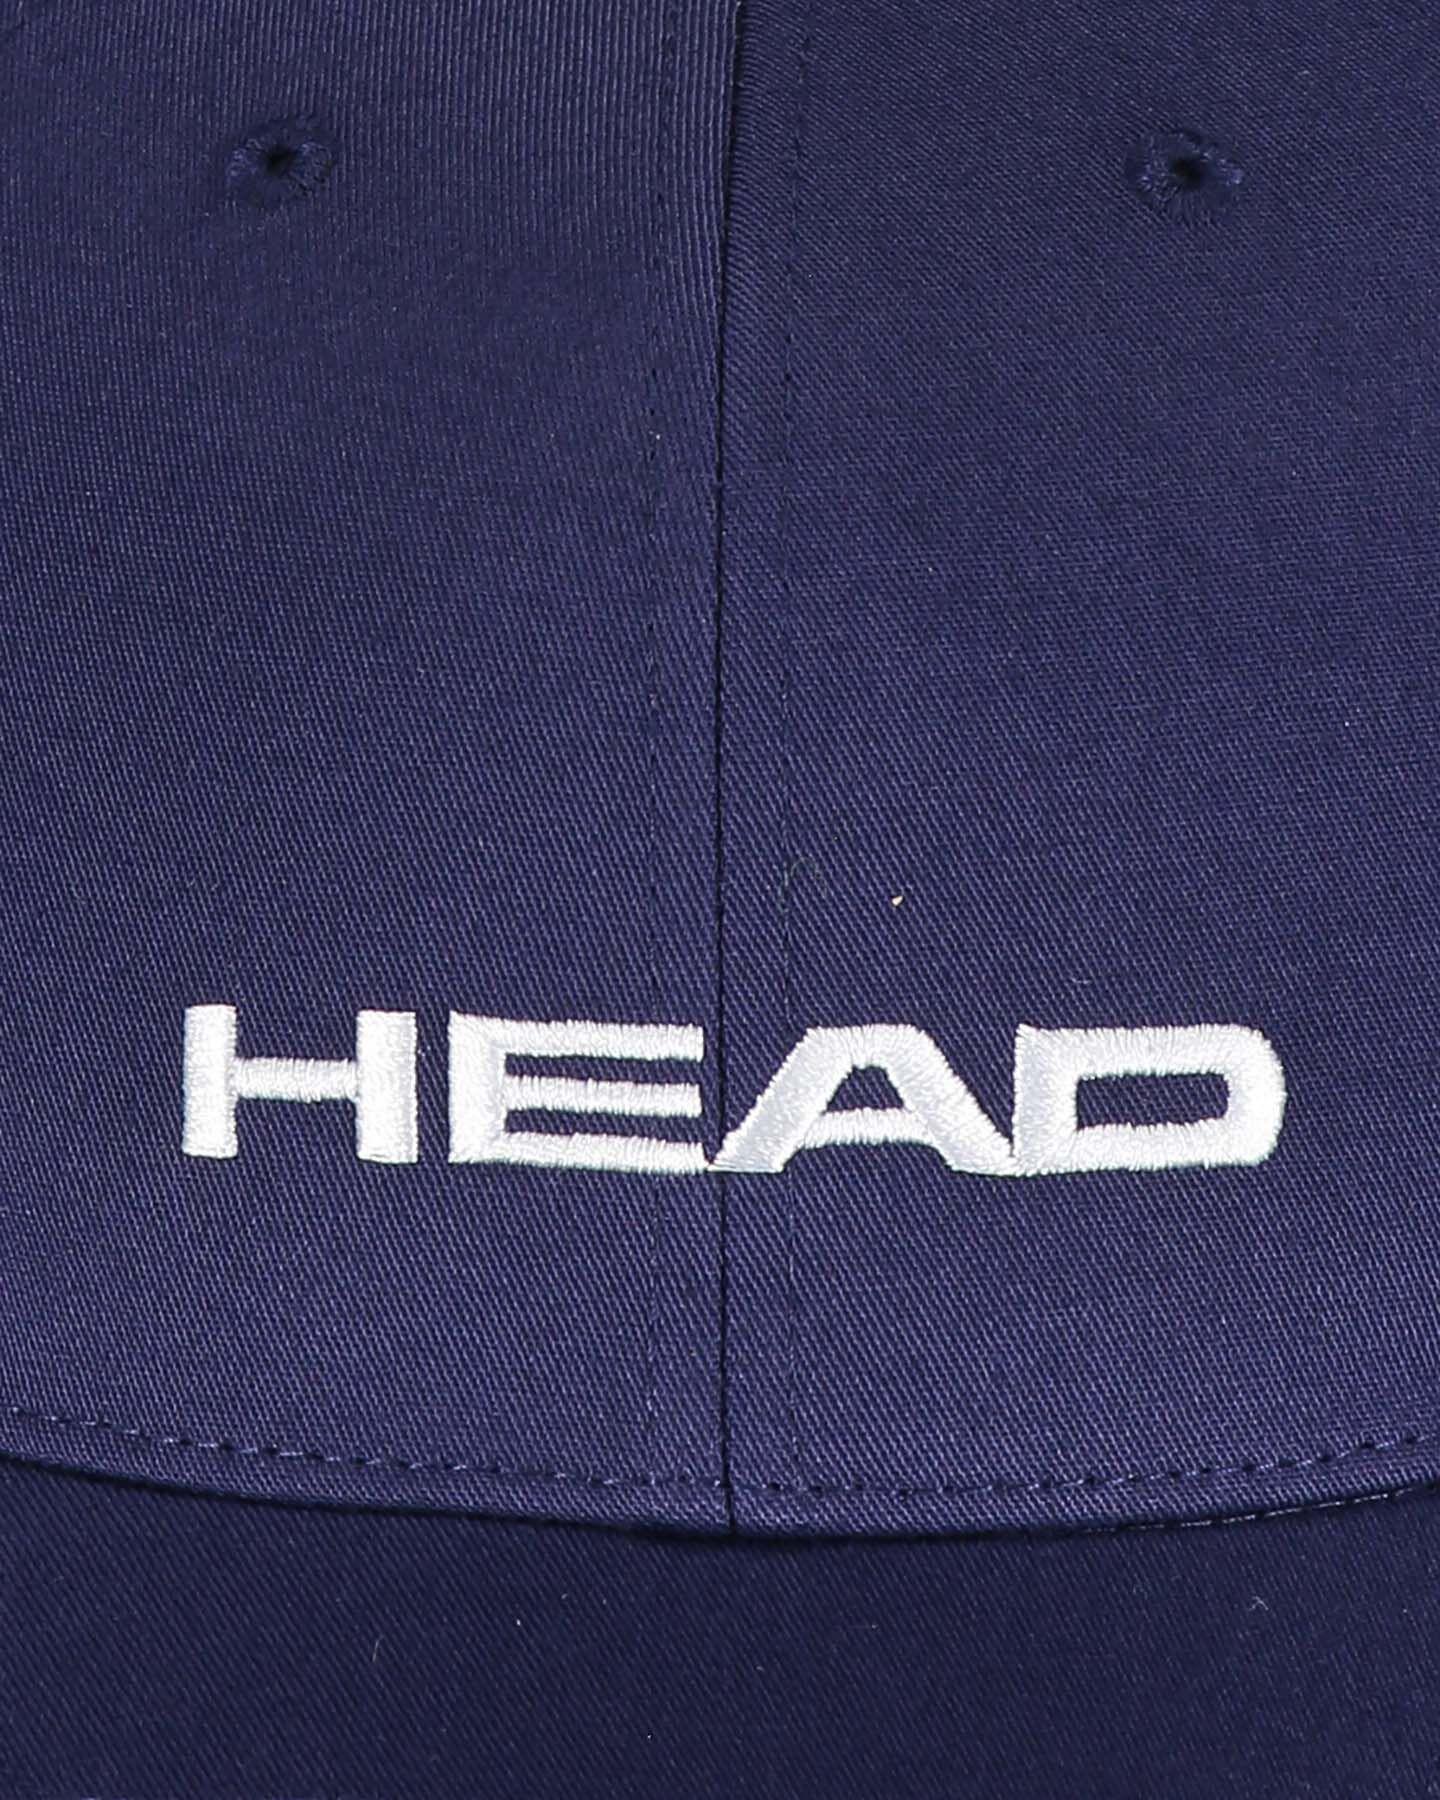 Cappellino HEAD PROMOTION S5221167|NV|UNI scatto 2